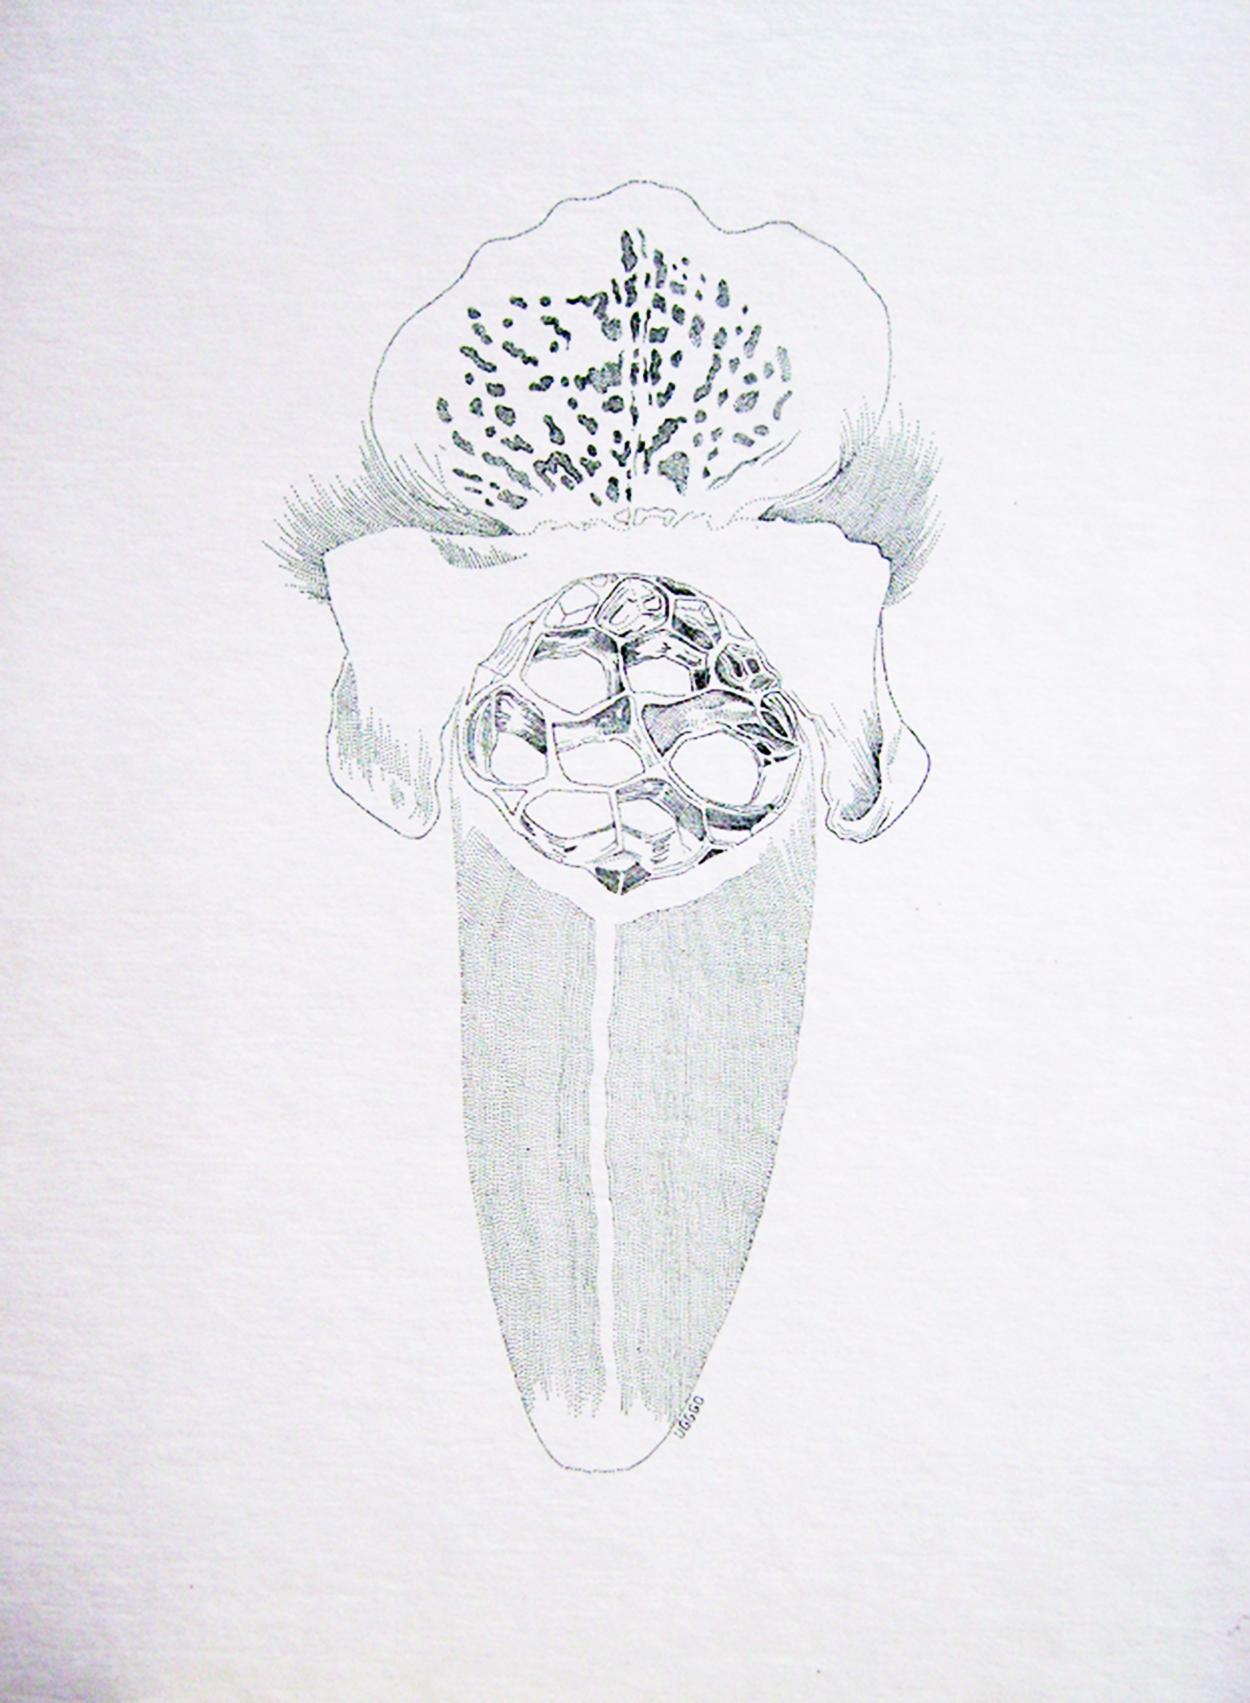 Lengua, tinta sobre papel, 65x50cm, 2012, $500 (impresión en papel couché, 17x11 pulgadas).jpg